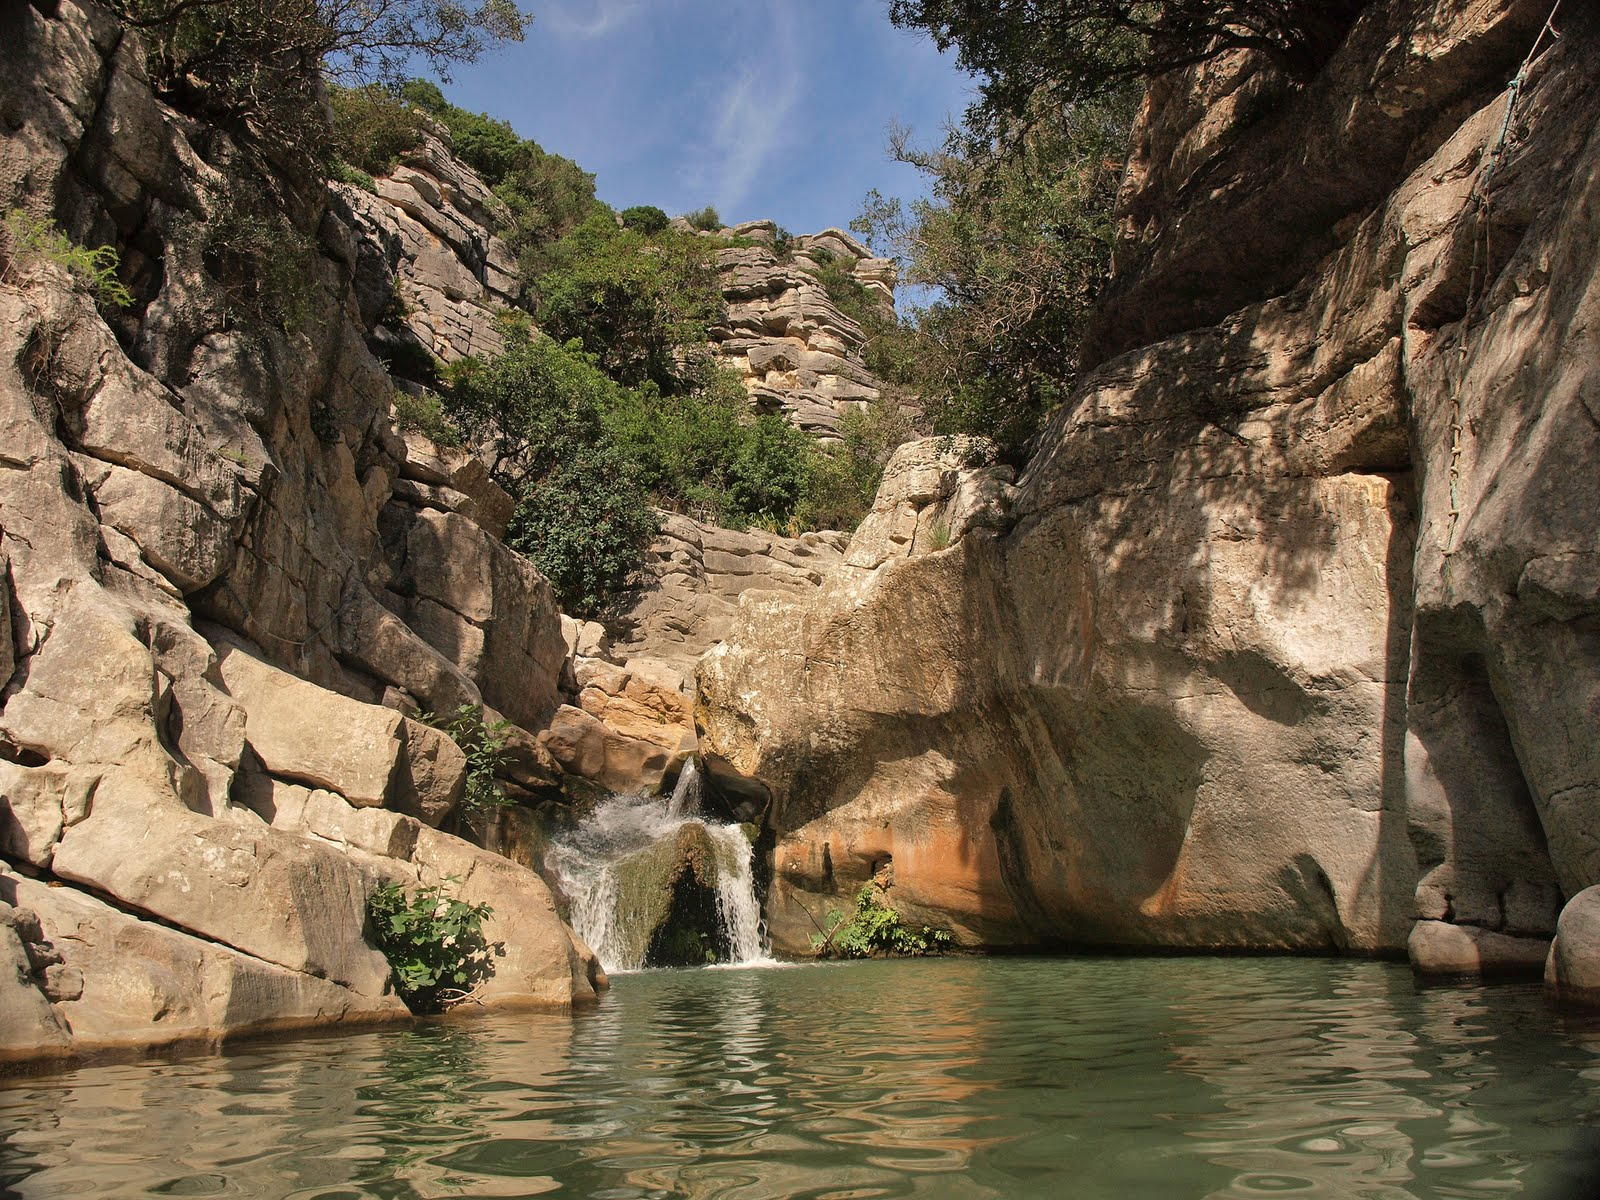 Lobofernando viajando por el parque natural de la sierra for Piscinas naturales guadalajara